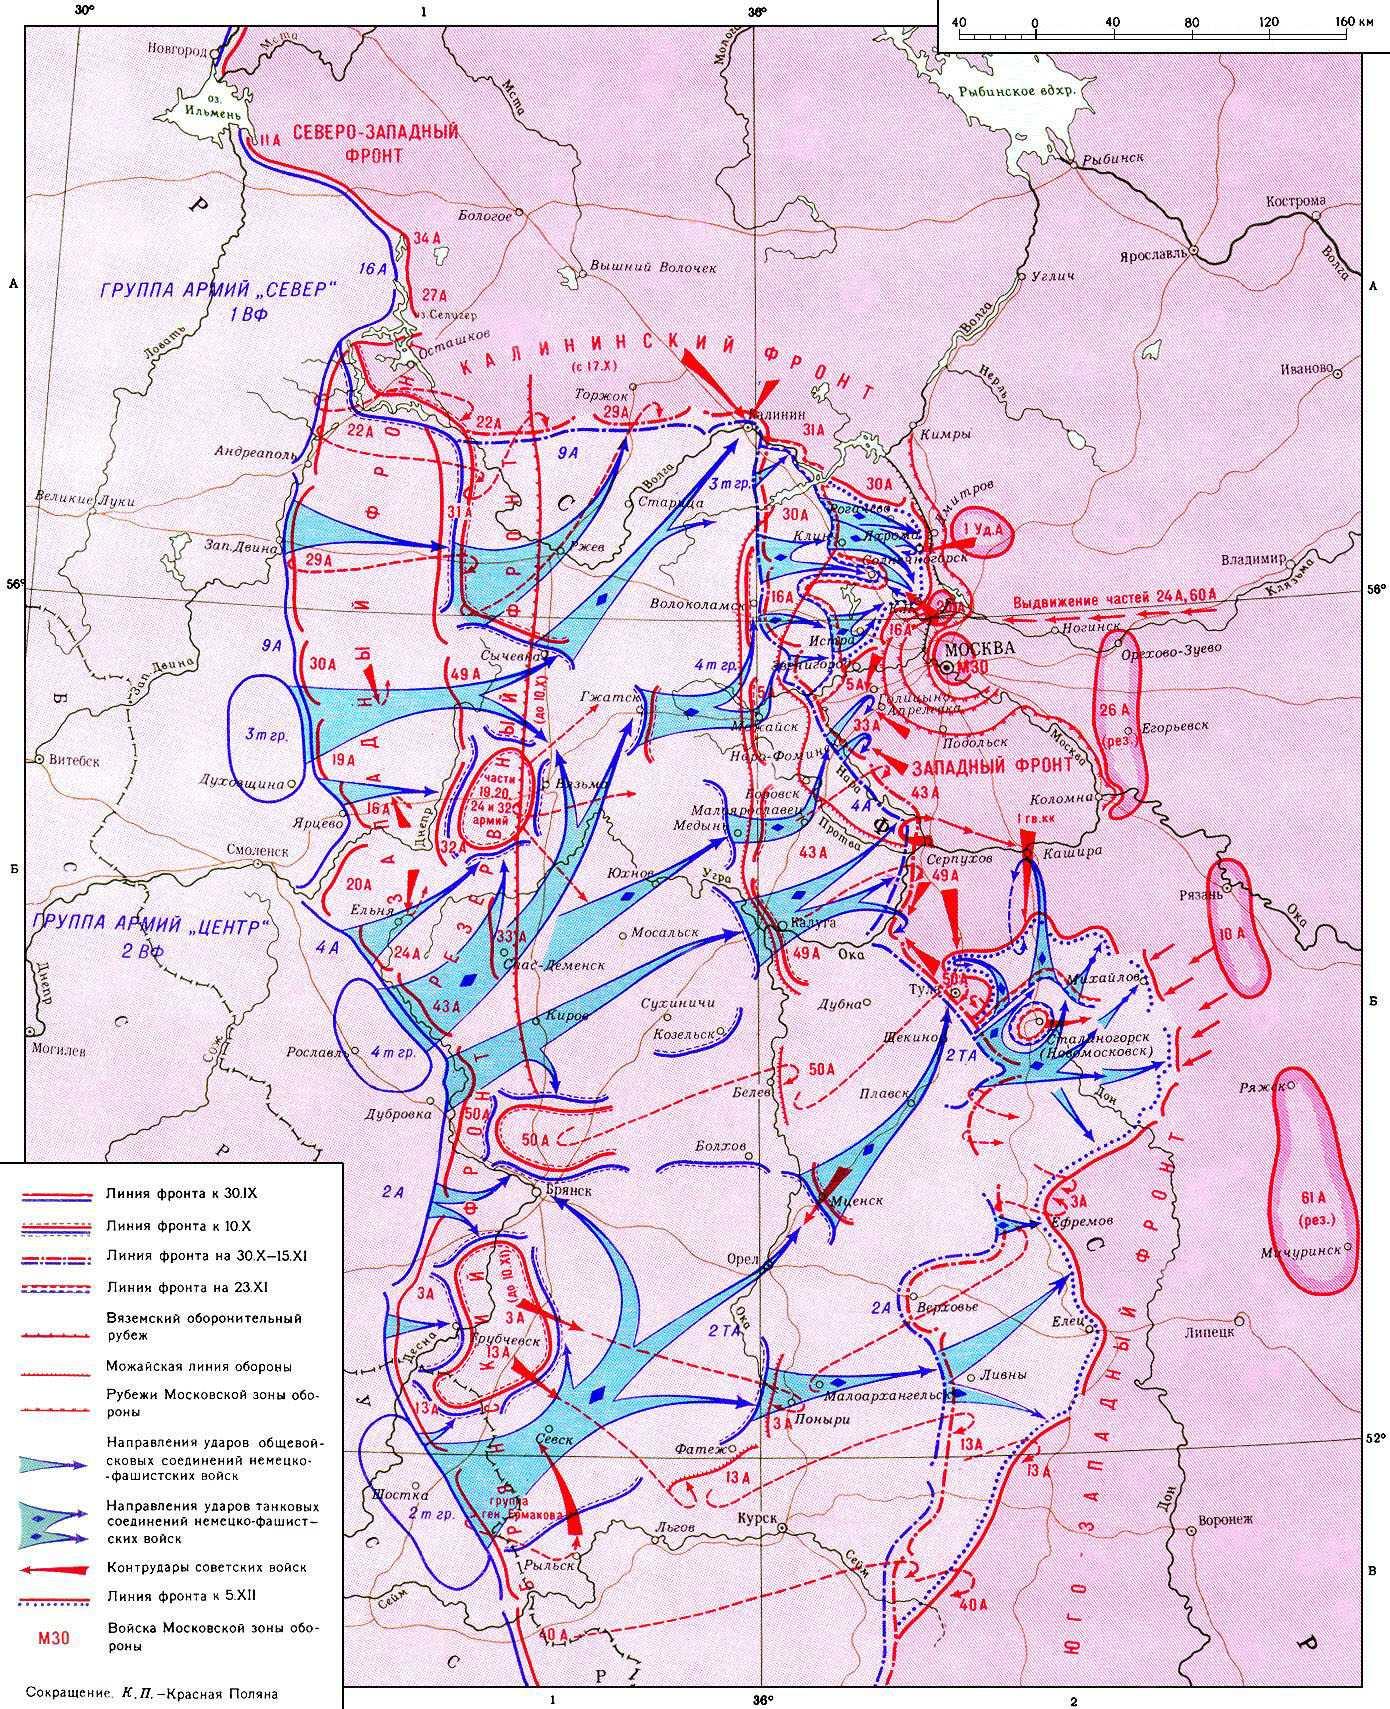 Оборона Москвы. карта